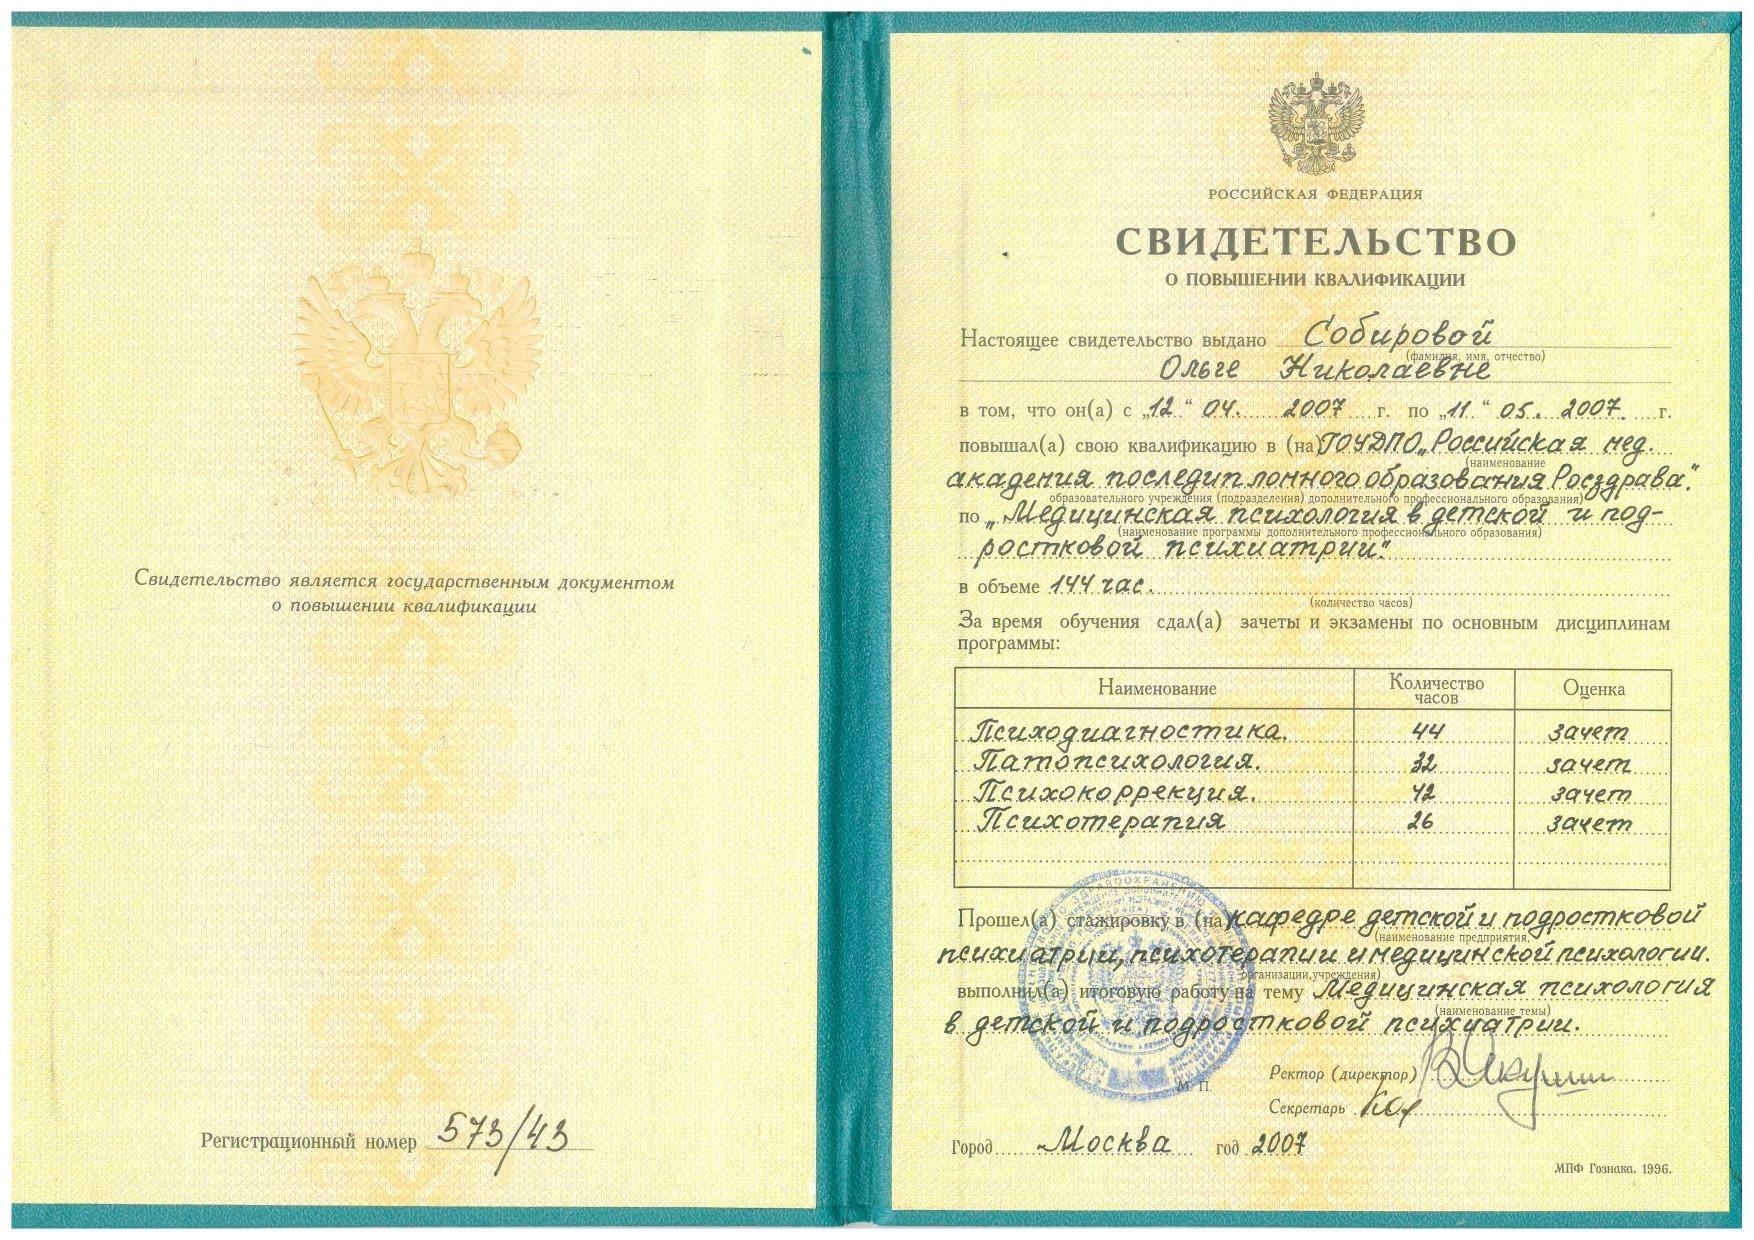 2007 Свидетельство о повышении квалификации